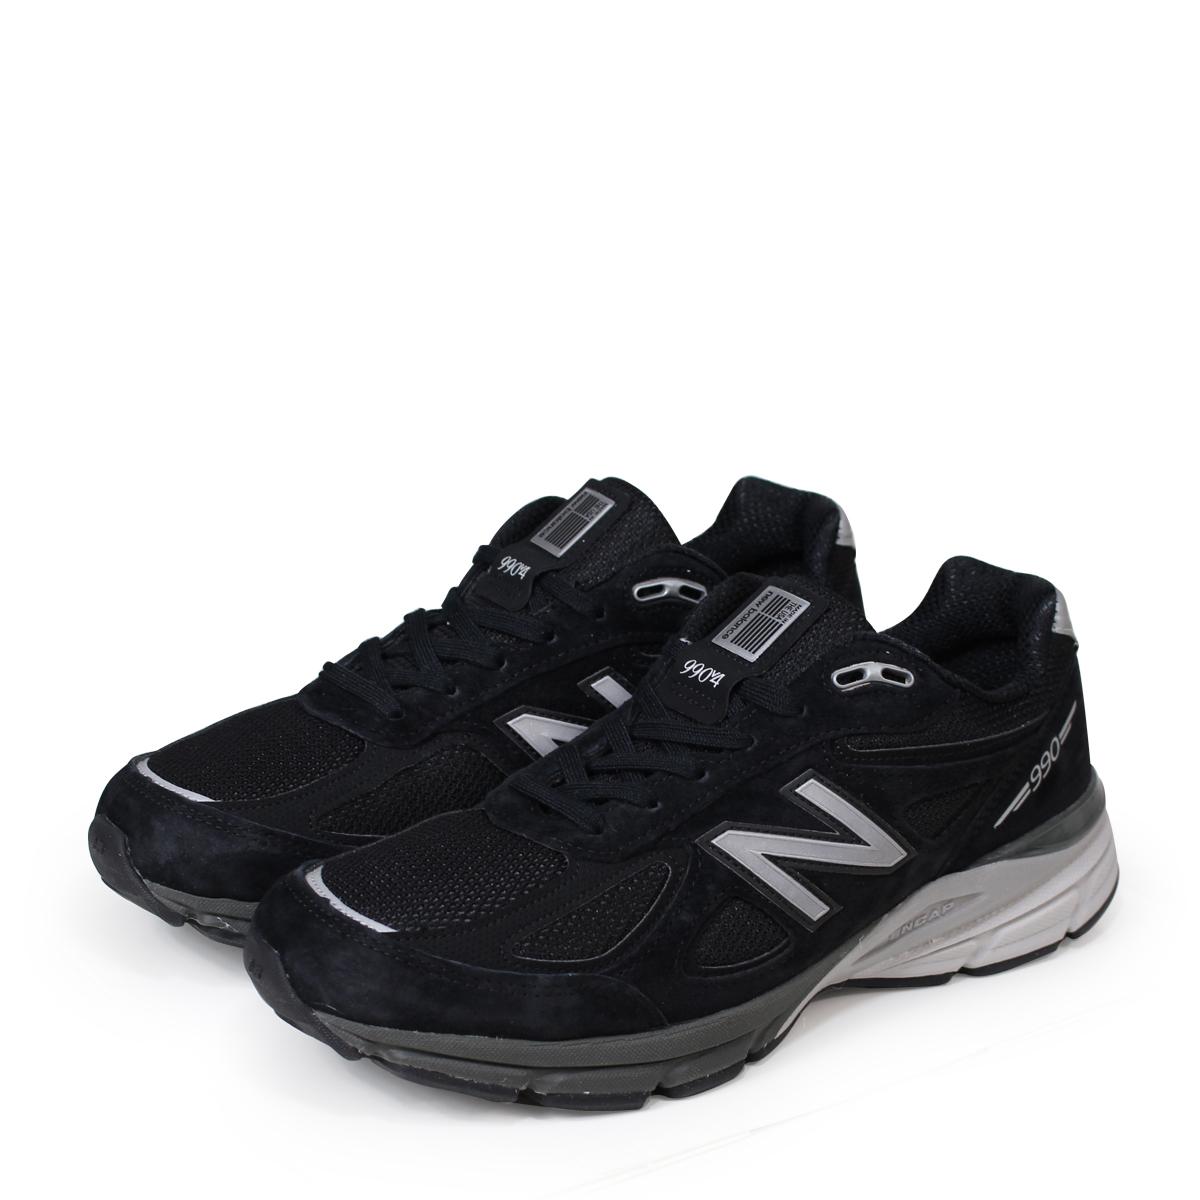 29618da494385 newbalance990メンズニューバランススニーカーM990BK4DワイズMADEINUSA靴ブラック[7/19新入荷] ...